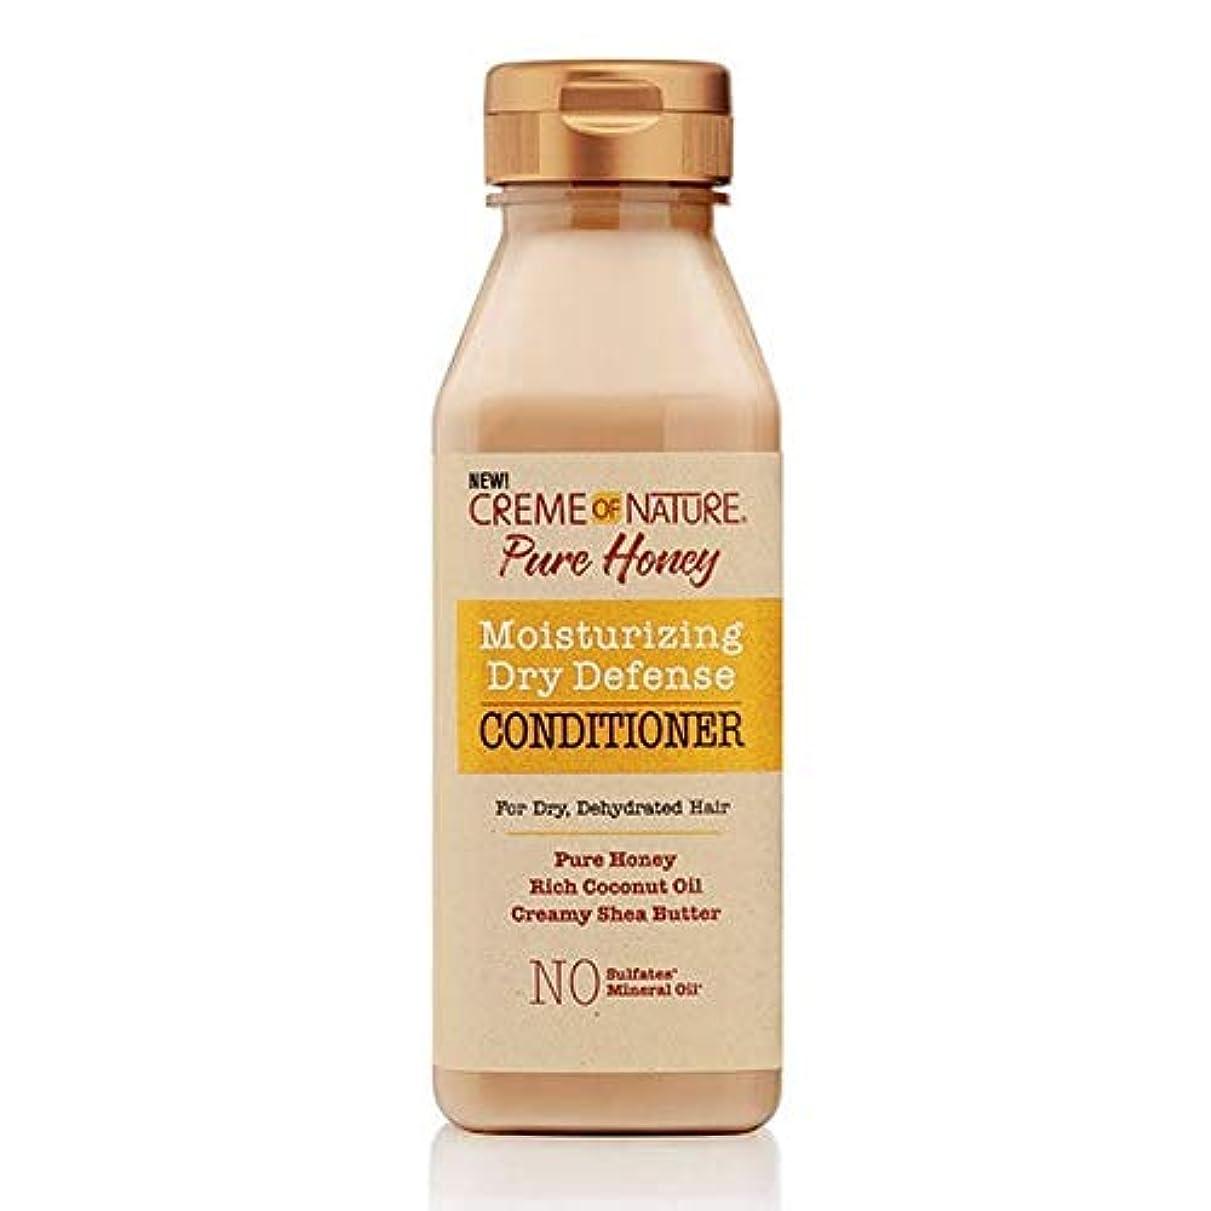 副詞器具無傷[Creme of Nature ] 自然の純粋蜂蜜ドライ防衛コンディショナー355ミリリットルのクリーム - Creme of Nature Pure Honey Dry Defence Conditioner 355ml [並行輸入品]